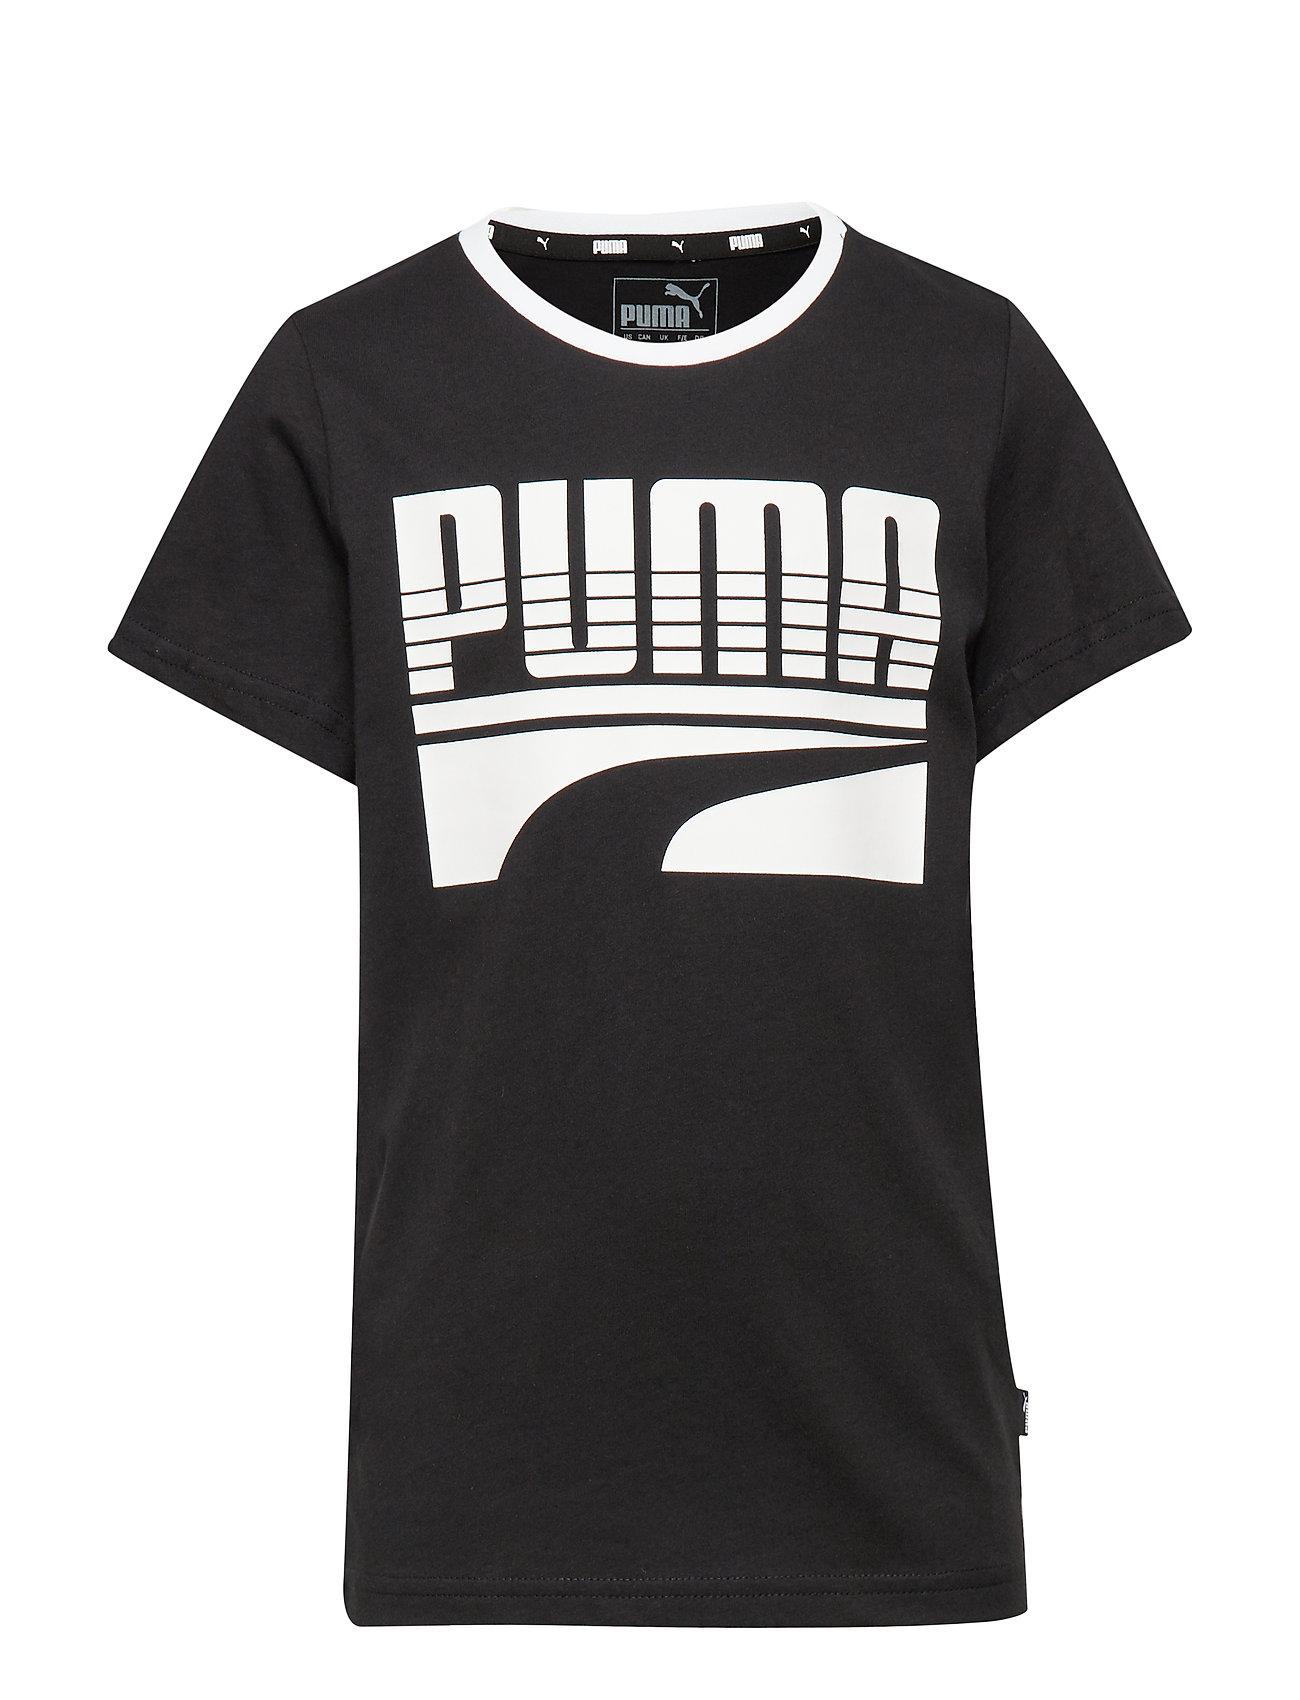 PUMA Rebel Bold Tee B - PUMA BLACK